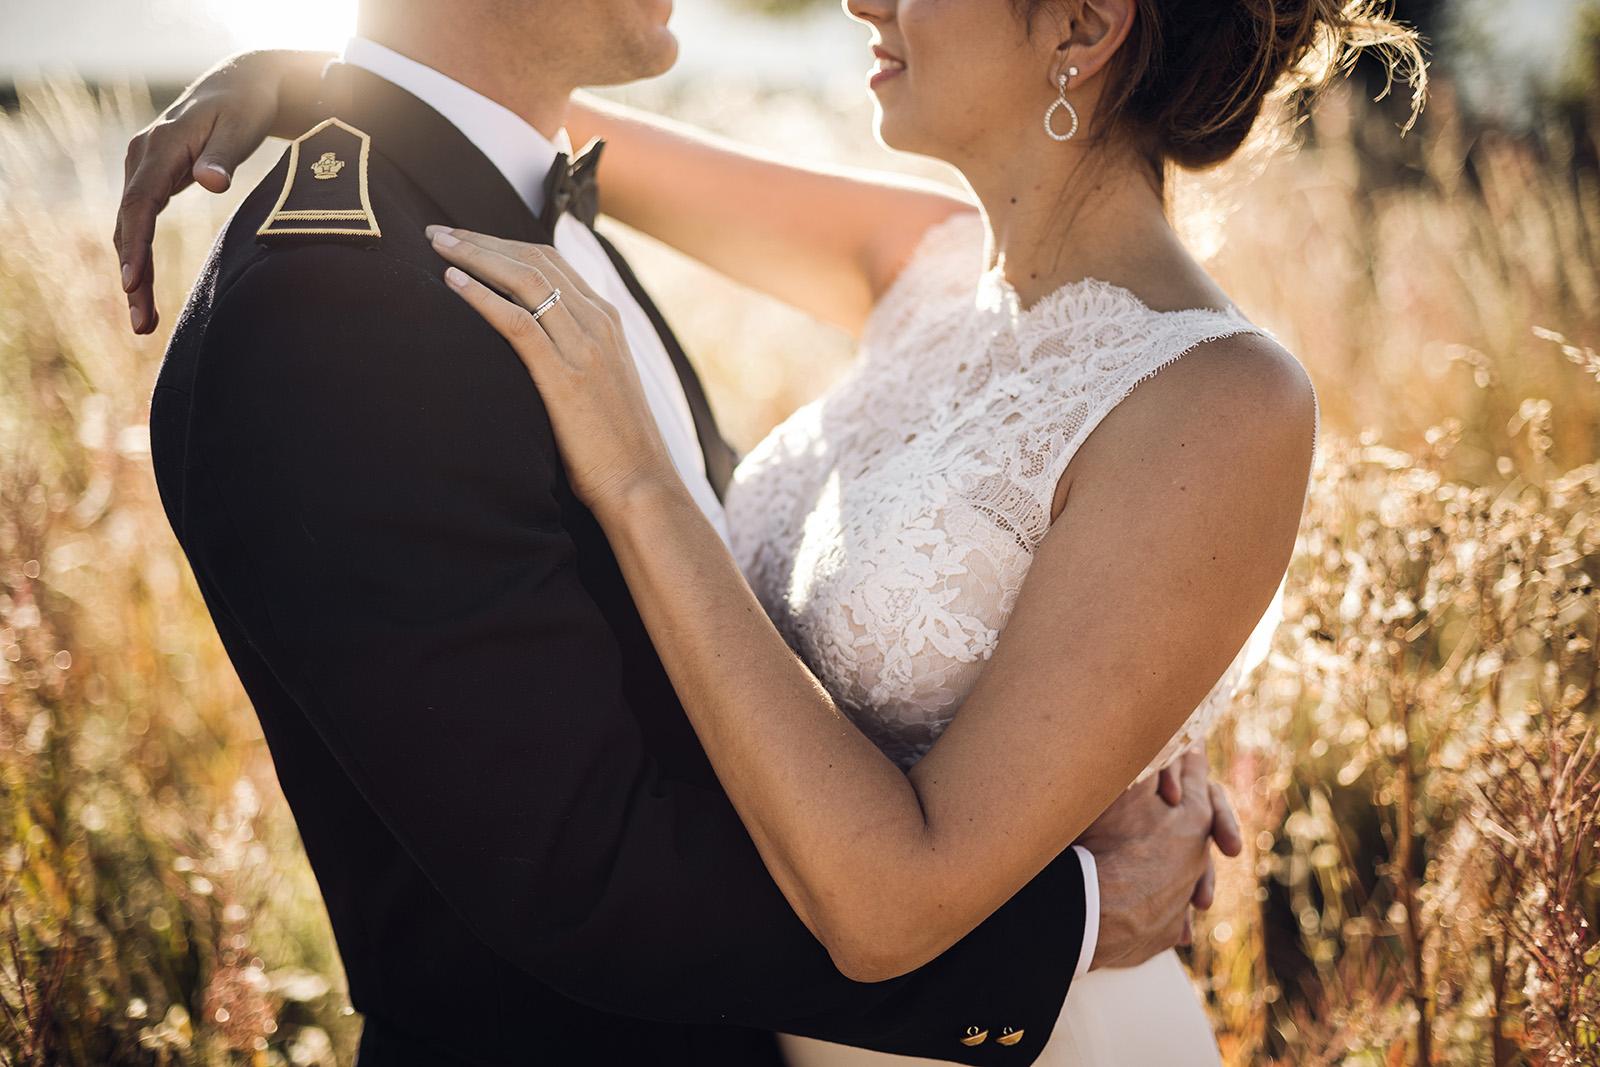 mariage-wedding-reportage-robe-de-mariee-clermont-ferrand-vichy-auvergne-rhone-alpes-photo-de-couple-photographe-photographer-elise-julliard-lac-de-guery-puy-de-dome-mont-dore